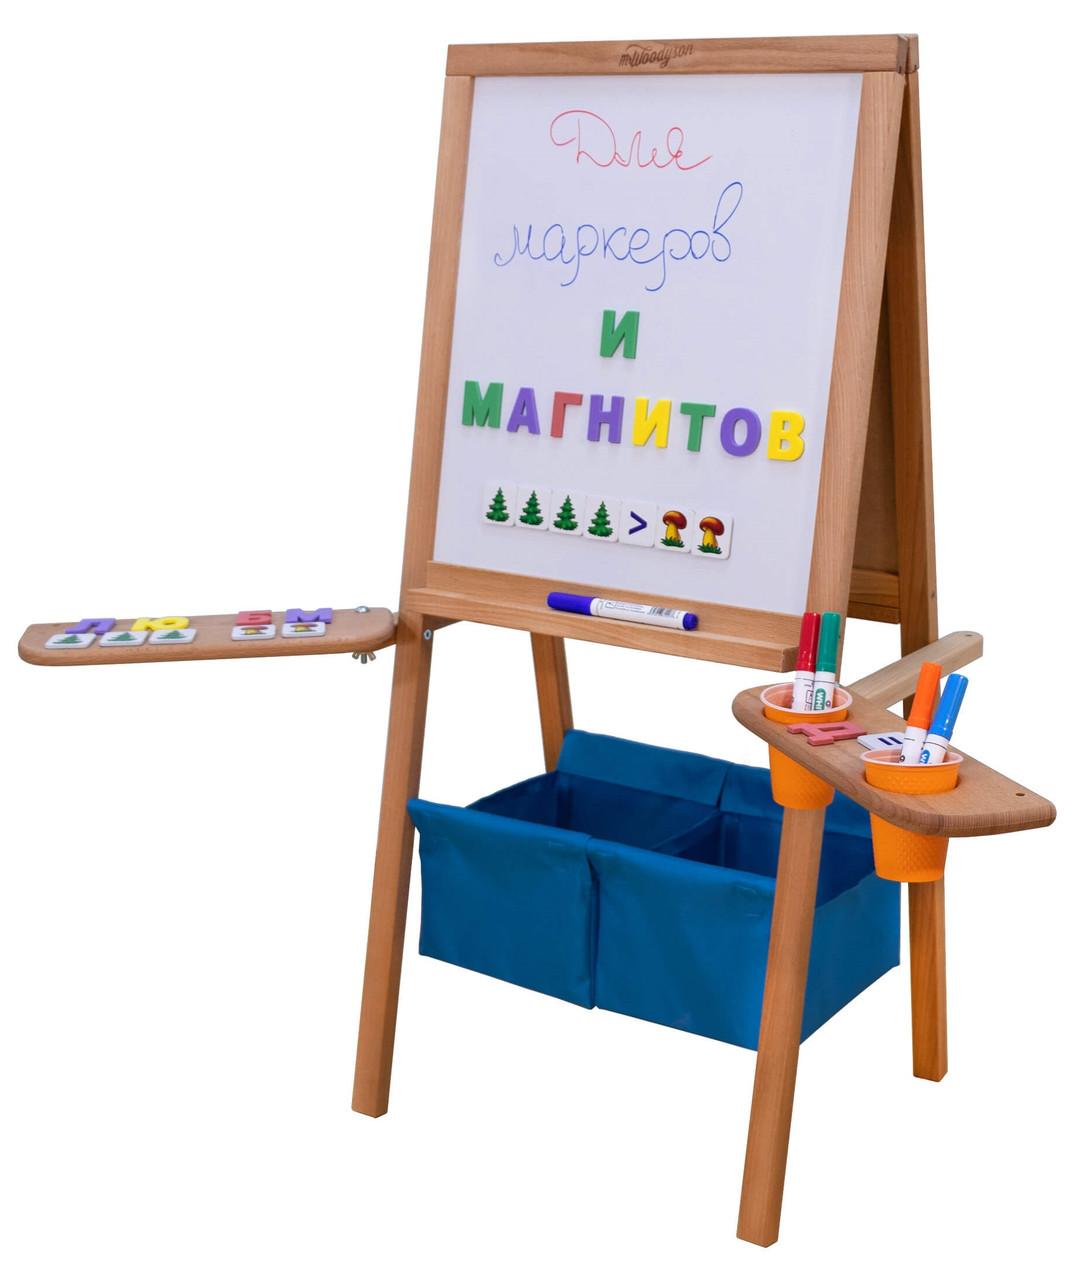 Мольберт детский Бабочка магнитный, двухсторонний, синие корзины. РК18